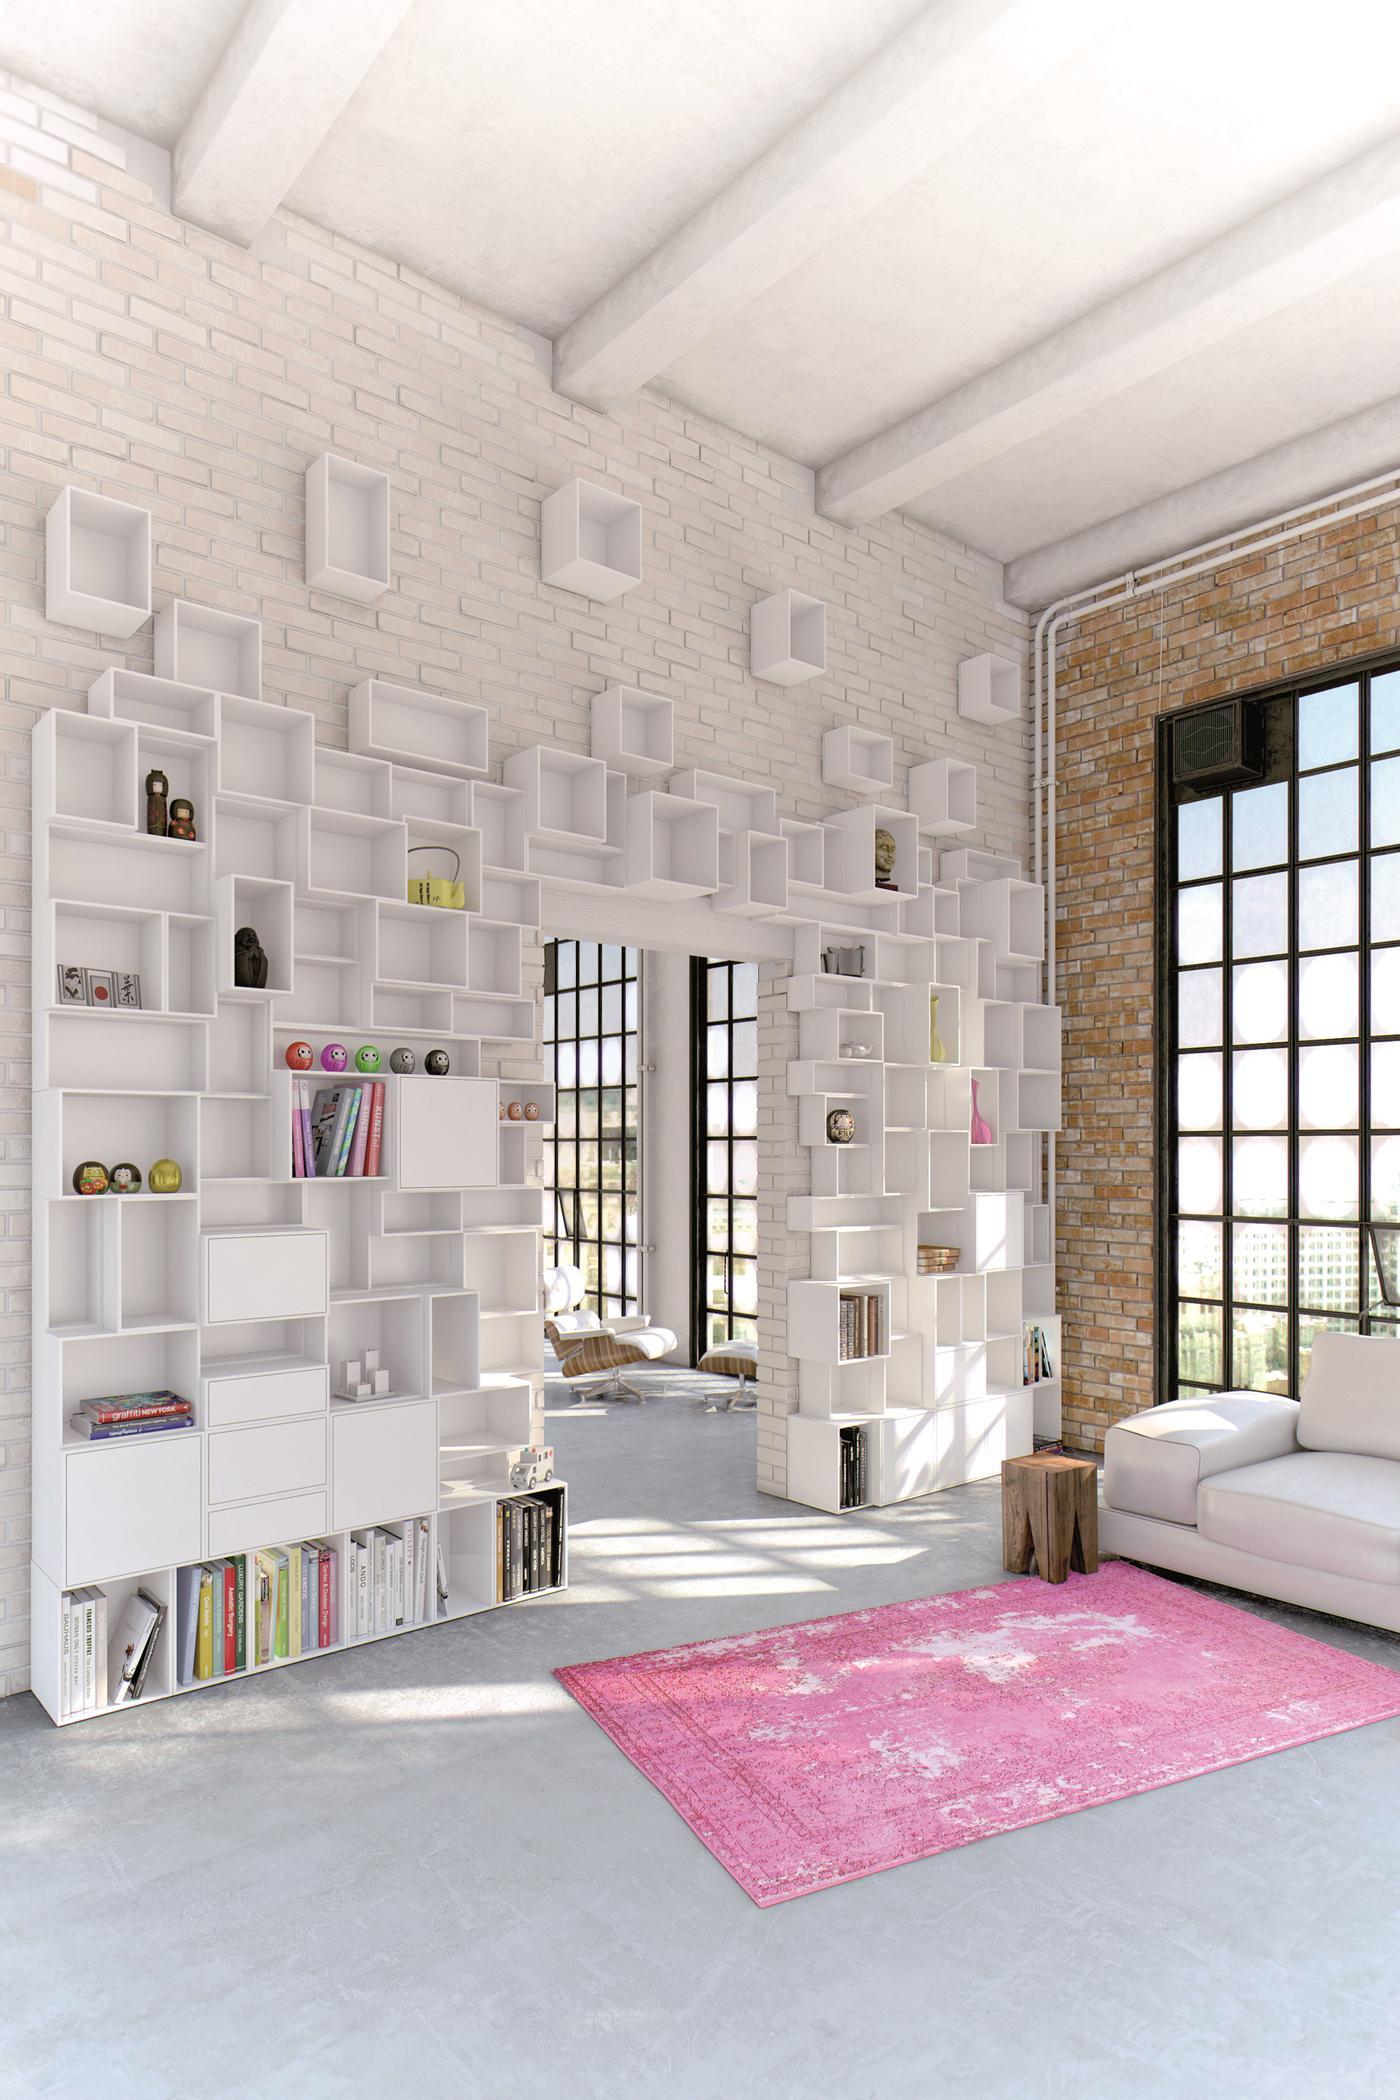 Steintapete inspiration f r wandgestaltung bei couch - Wandgestaltung bei dachschragen ...